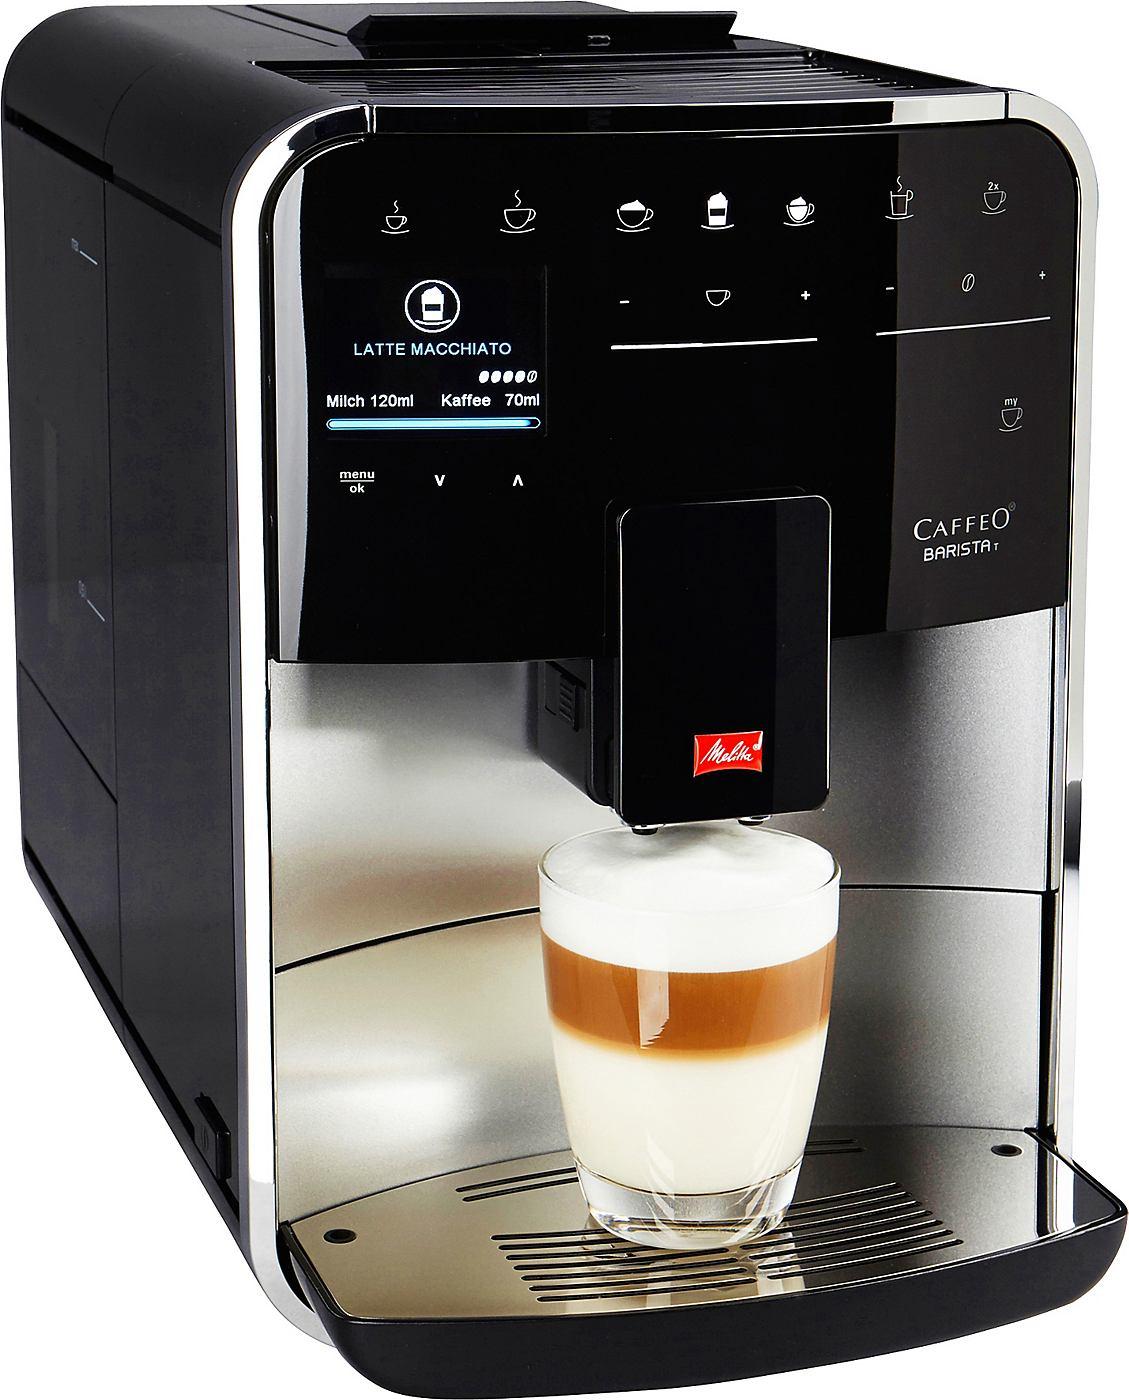 Melitta Kaffeevollautomat »CAFFEO Barista T F 731-101«